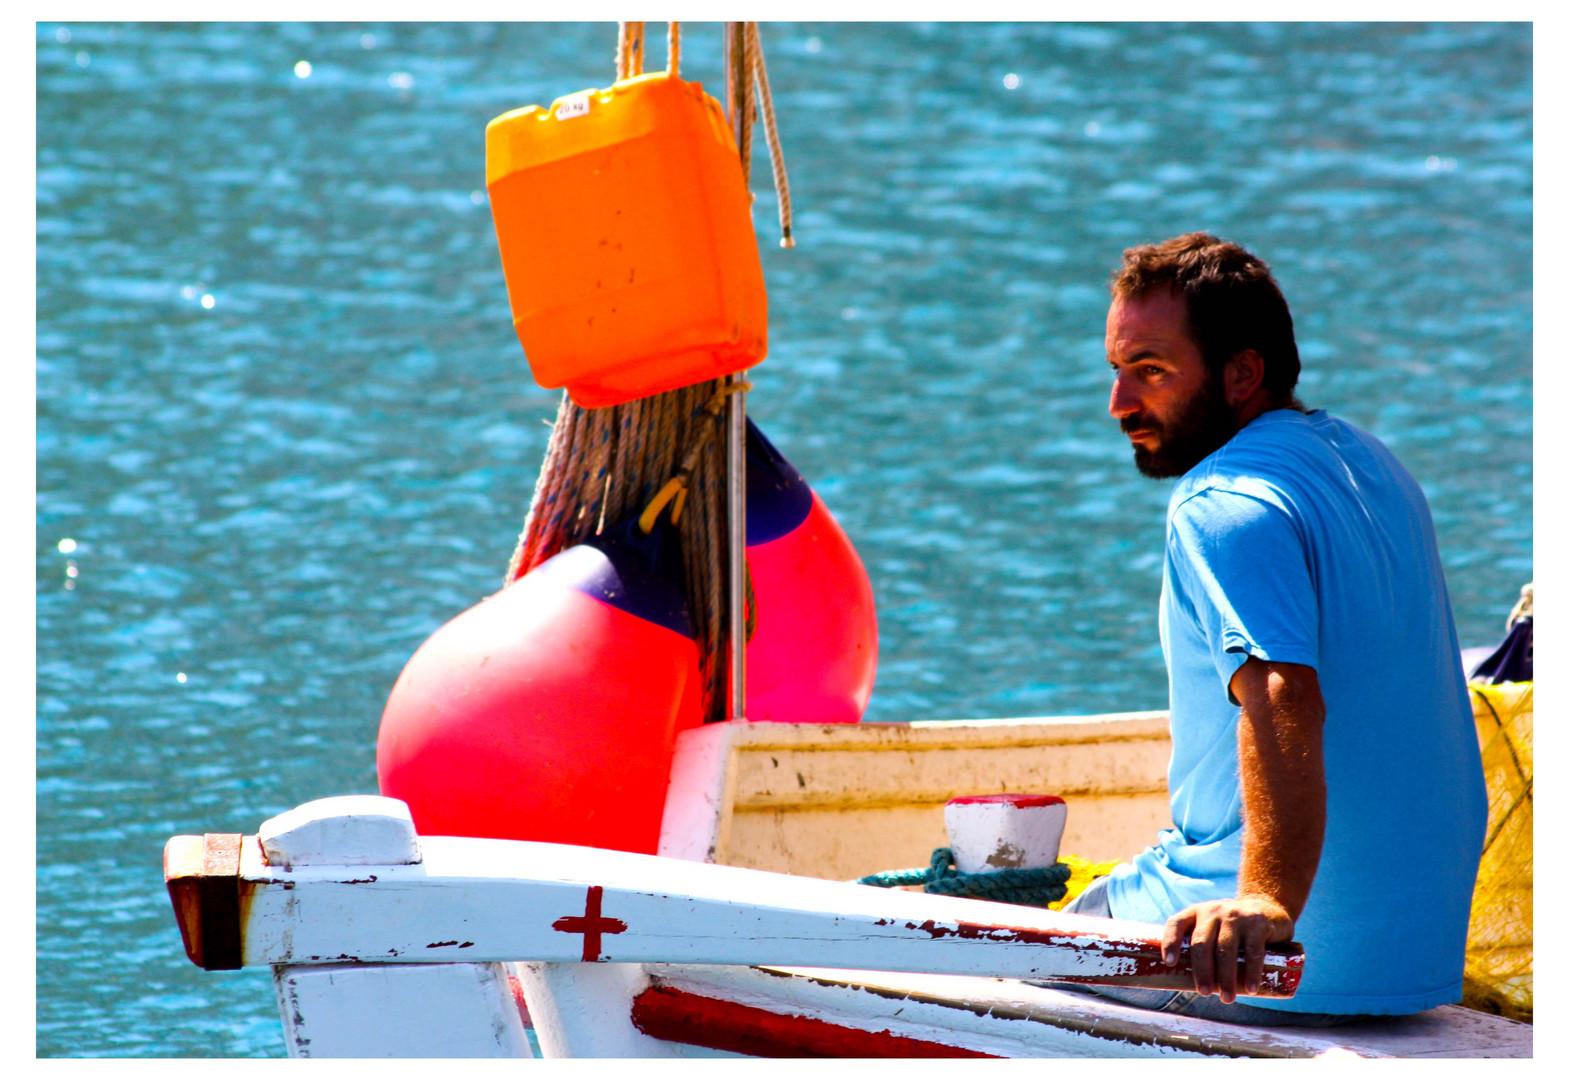 Kurs halten - auch in schwierigen griechischen Gewässern